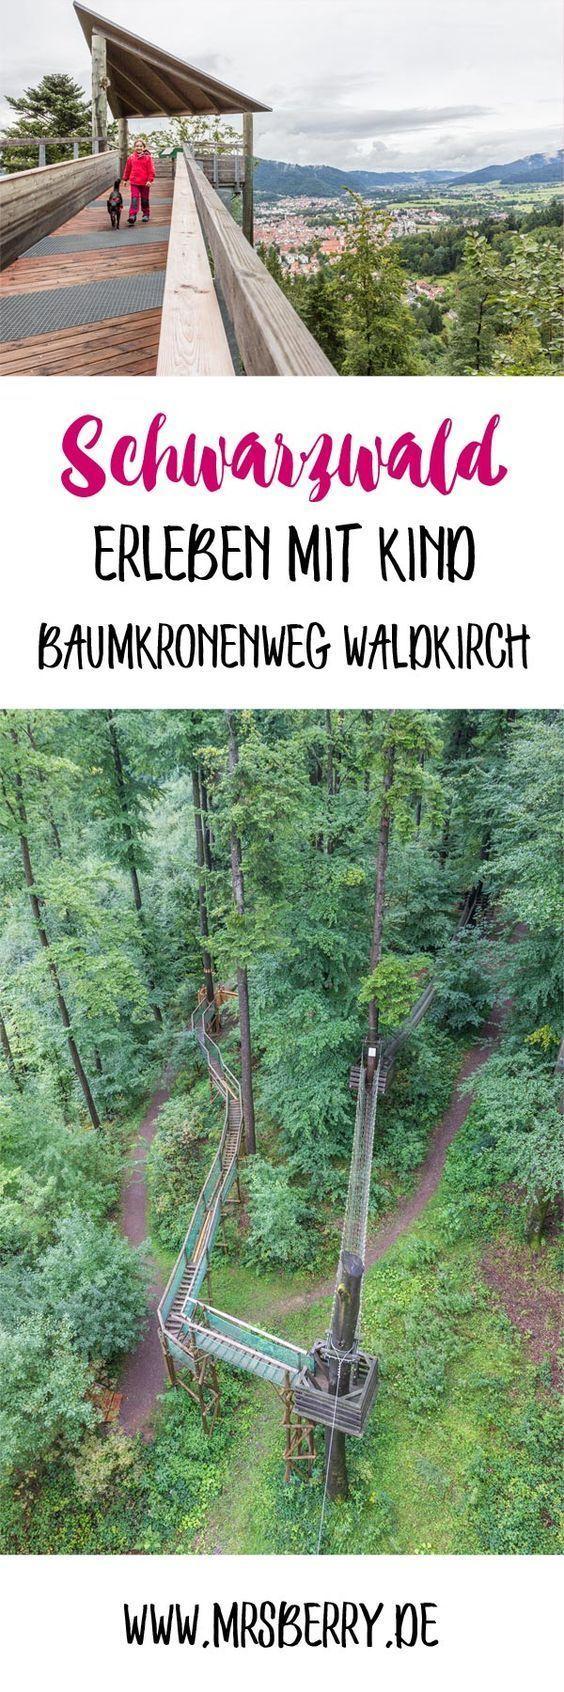 ZweiTälerLand – Familienurlaub und Wandern im Herzen des Schwarzwaldes – LandReise.de – Reiseziele auf dem Land